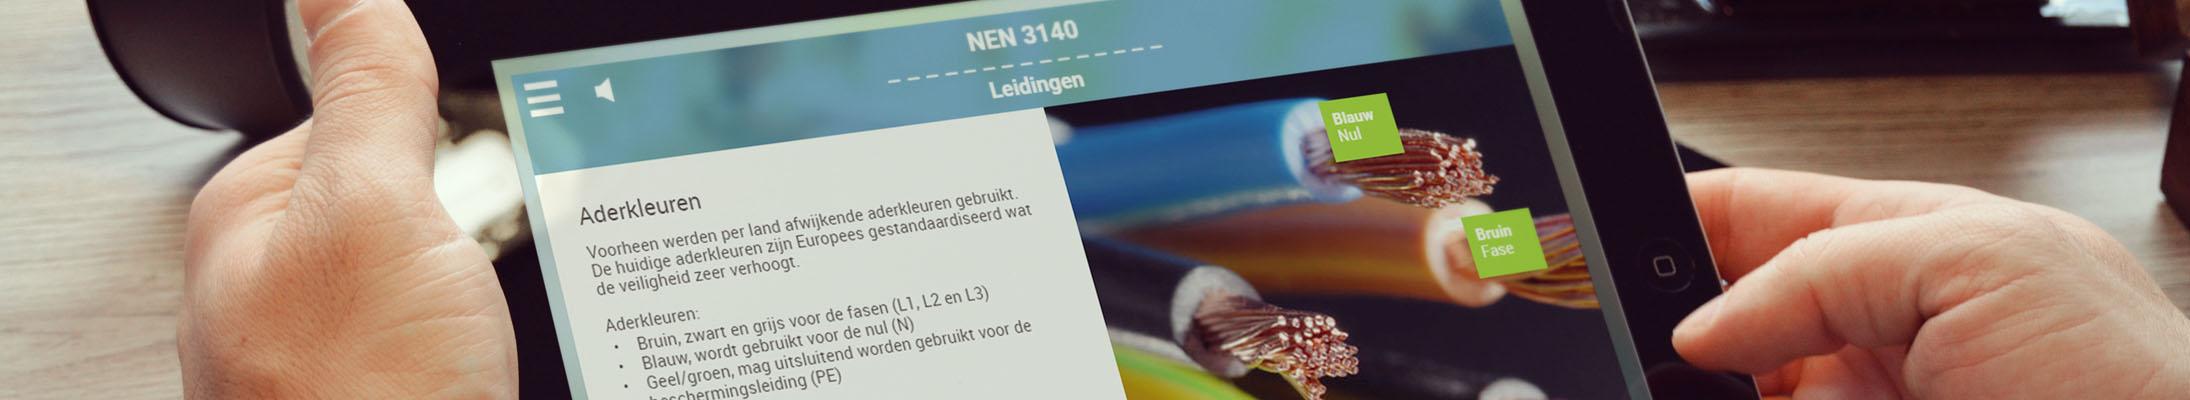 NEN 3140 e-learning